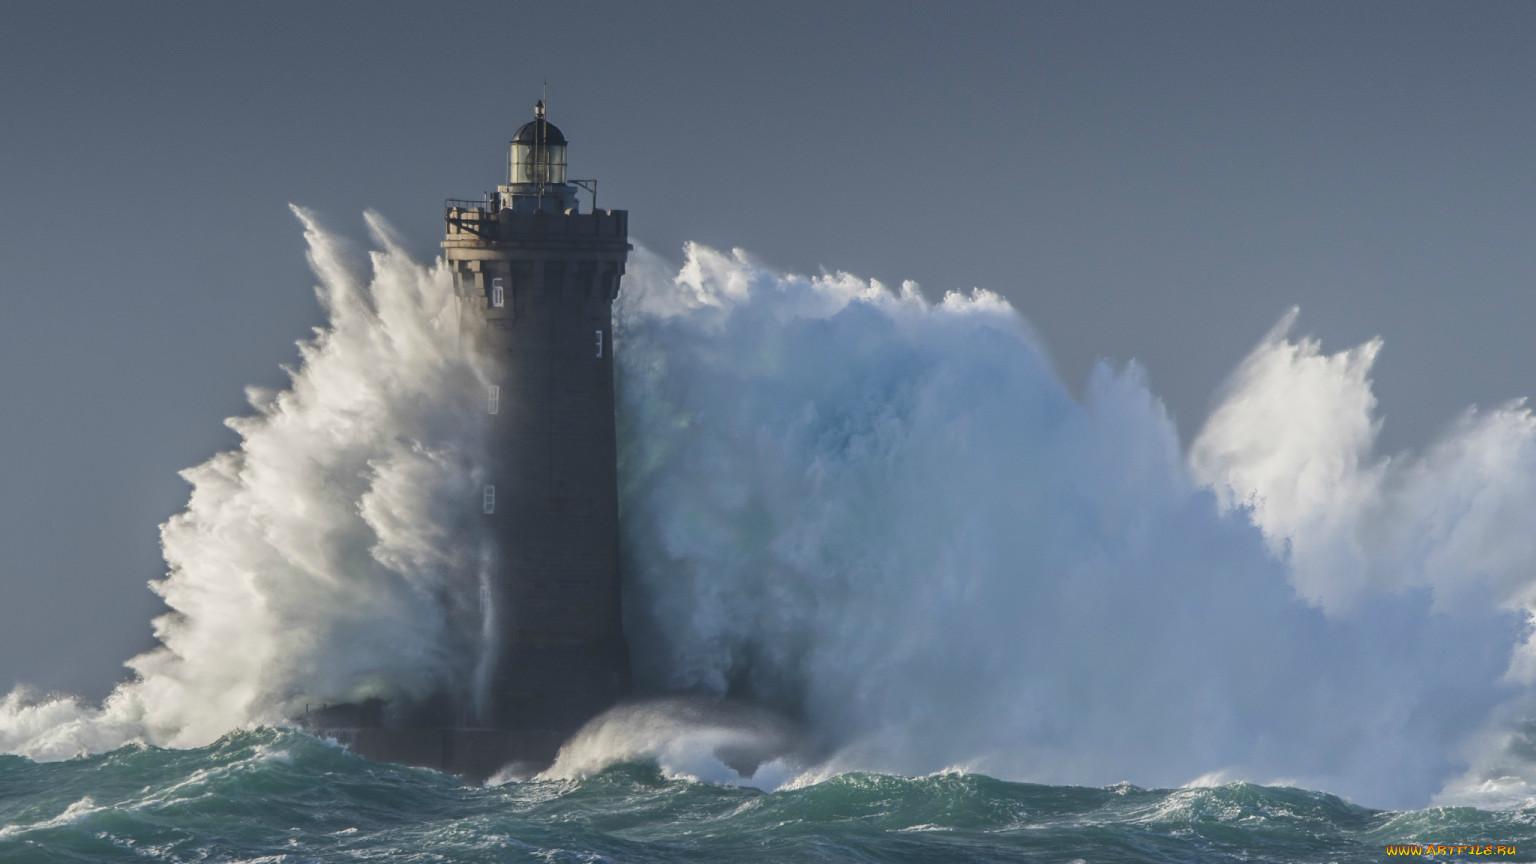 году полисы живые обои маяк шторм уведомления, подписавшись новые